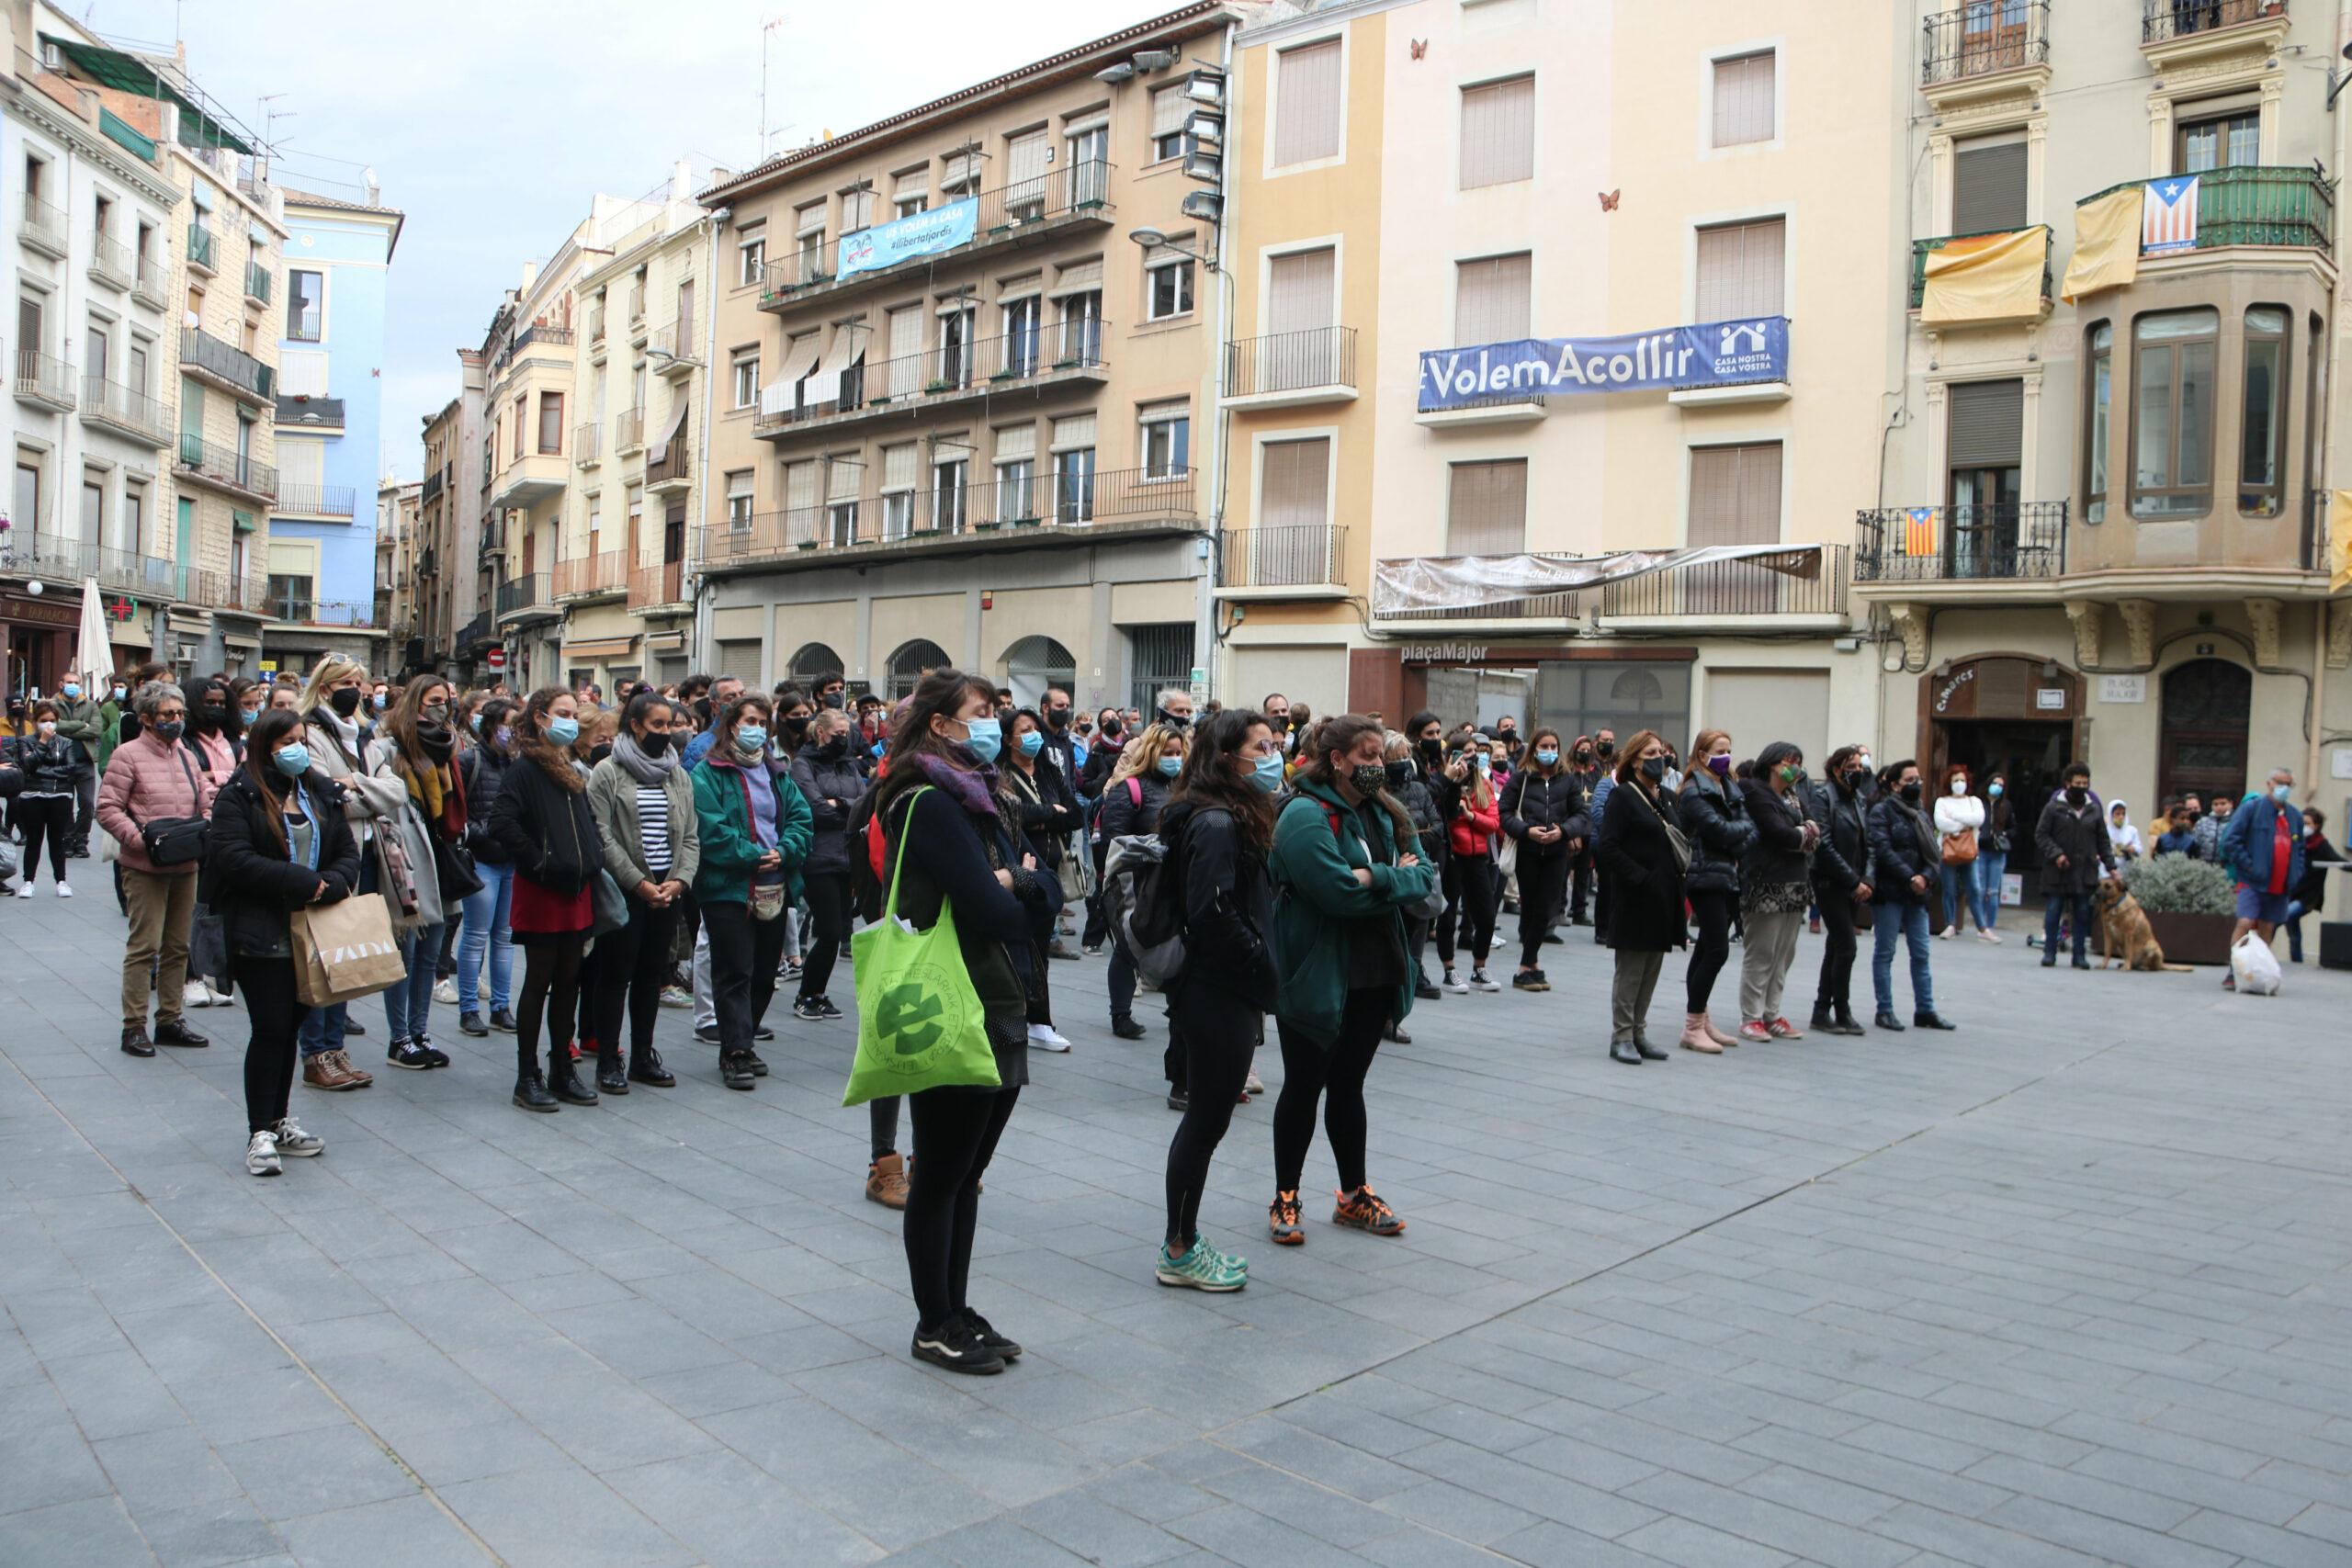 Pla general de les assistents a la concentració. Imatge del 15 d'abril del 2021. (Horitzontal)